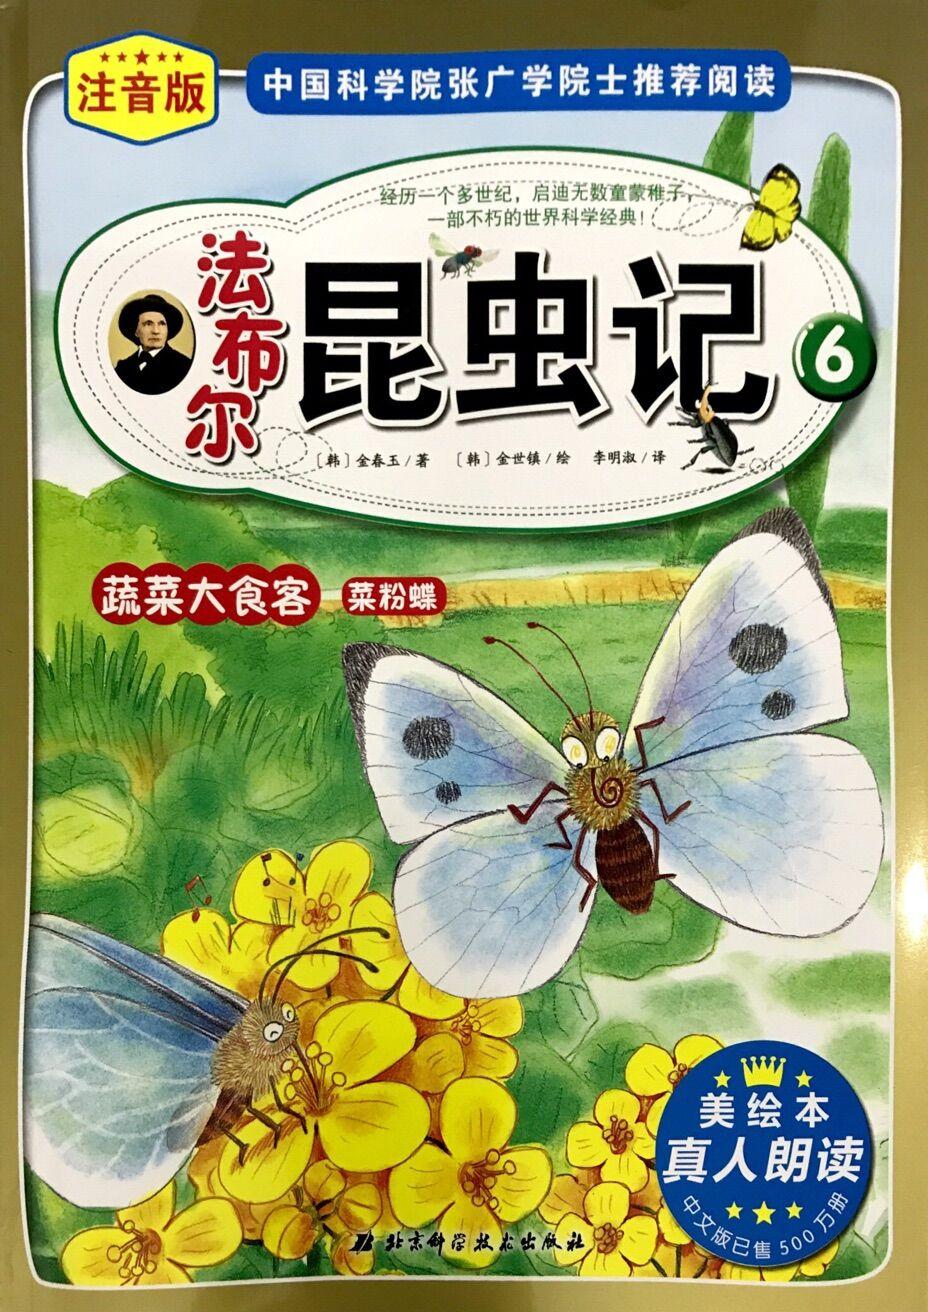 法布尔昆虫记:蔬菜大食客菜粉蝶